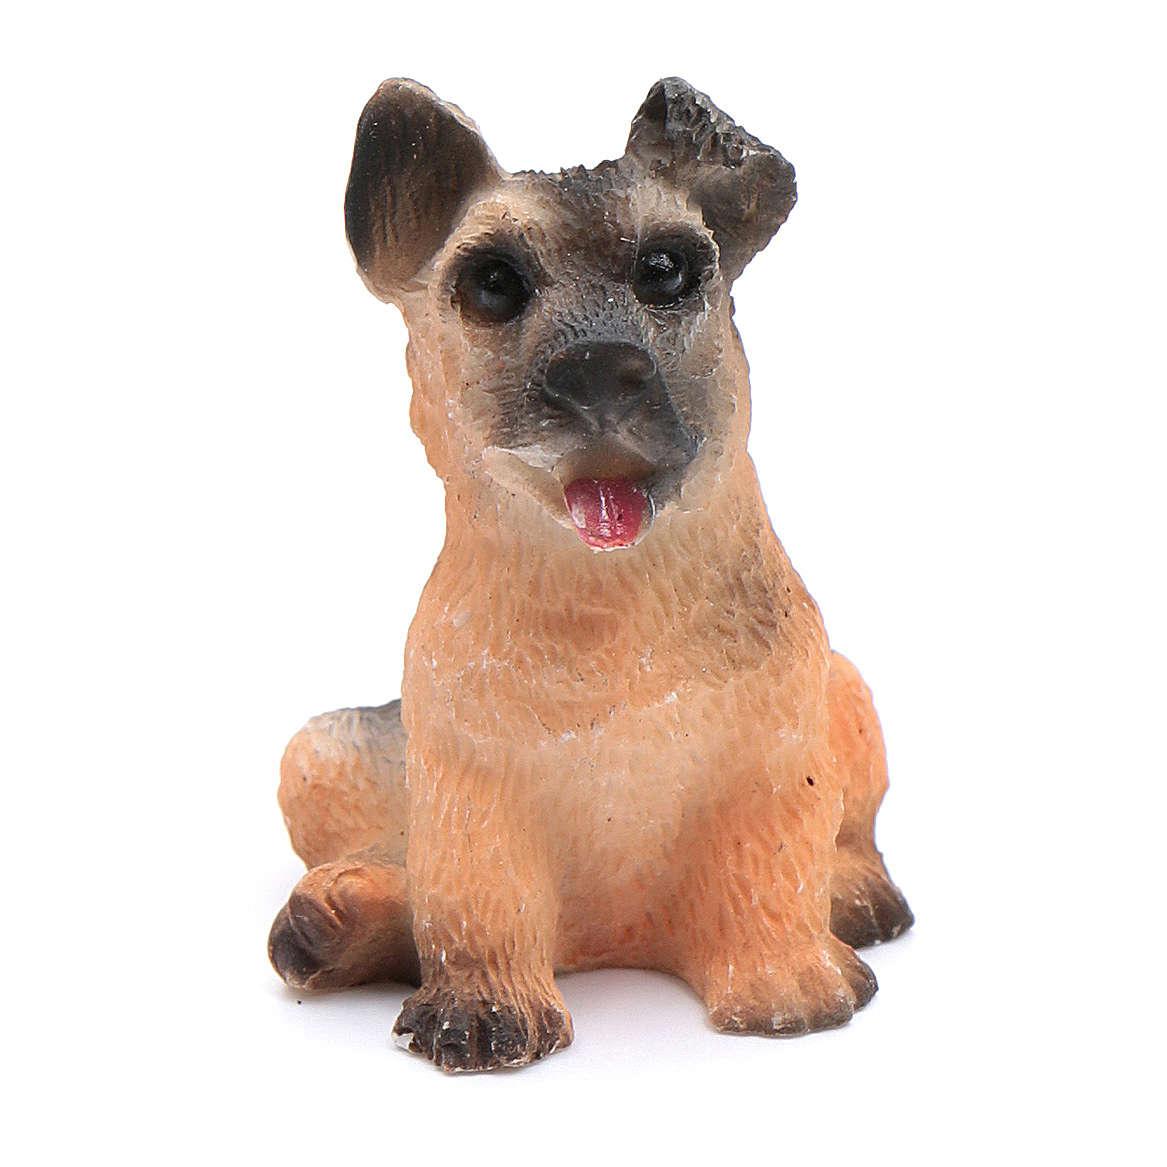 Cane assortito presepe altezza reale 3,5-4 cm 3